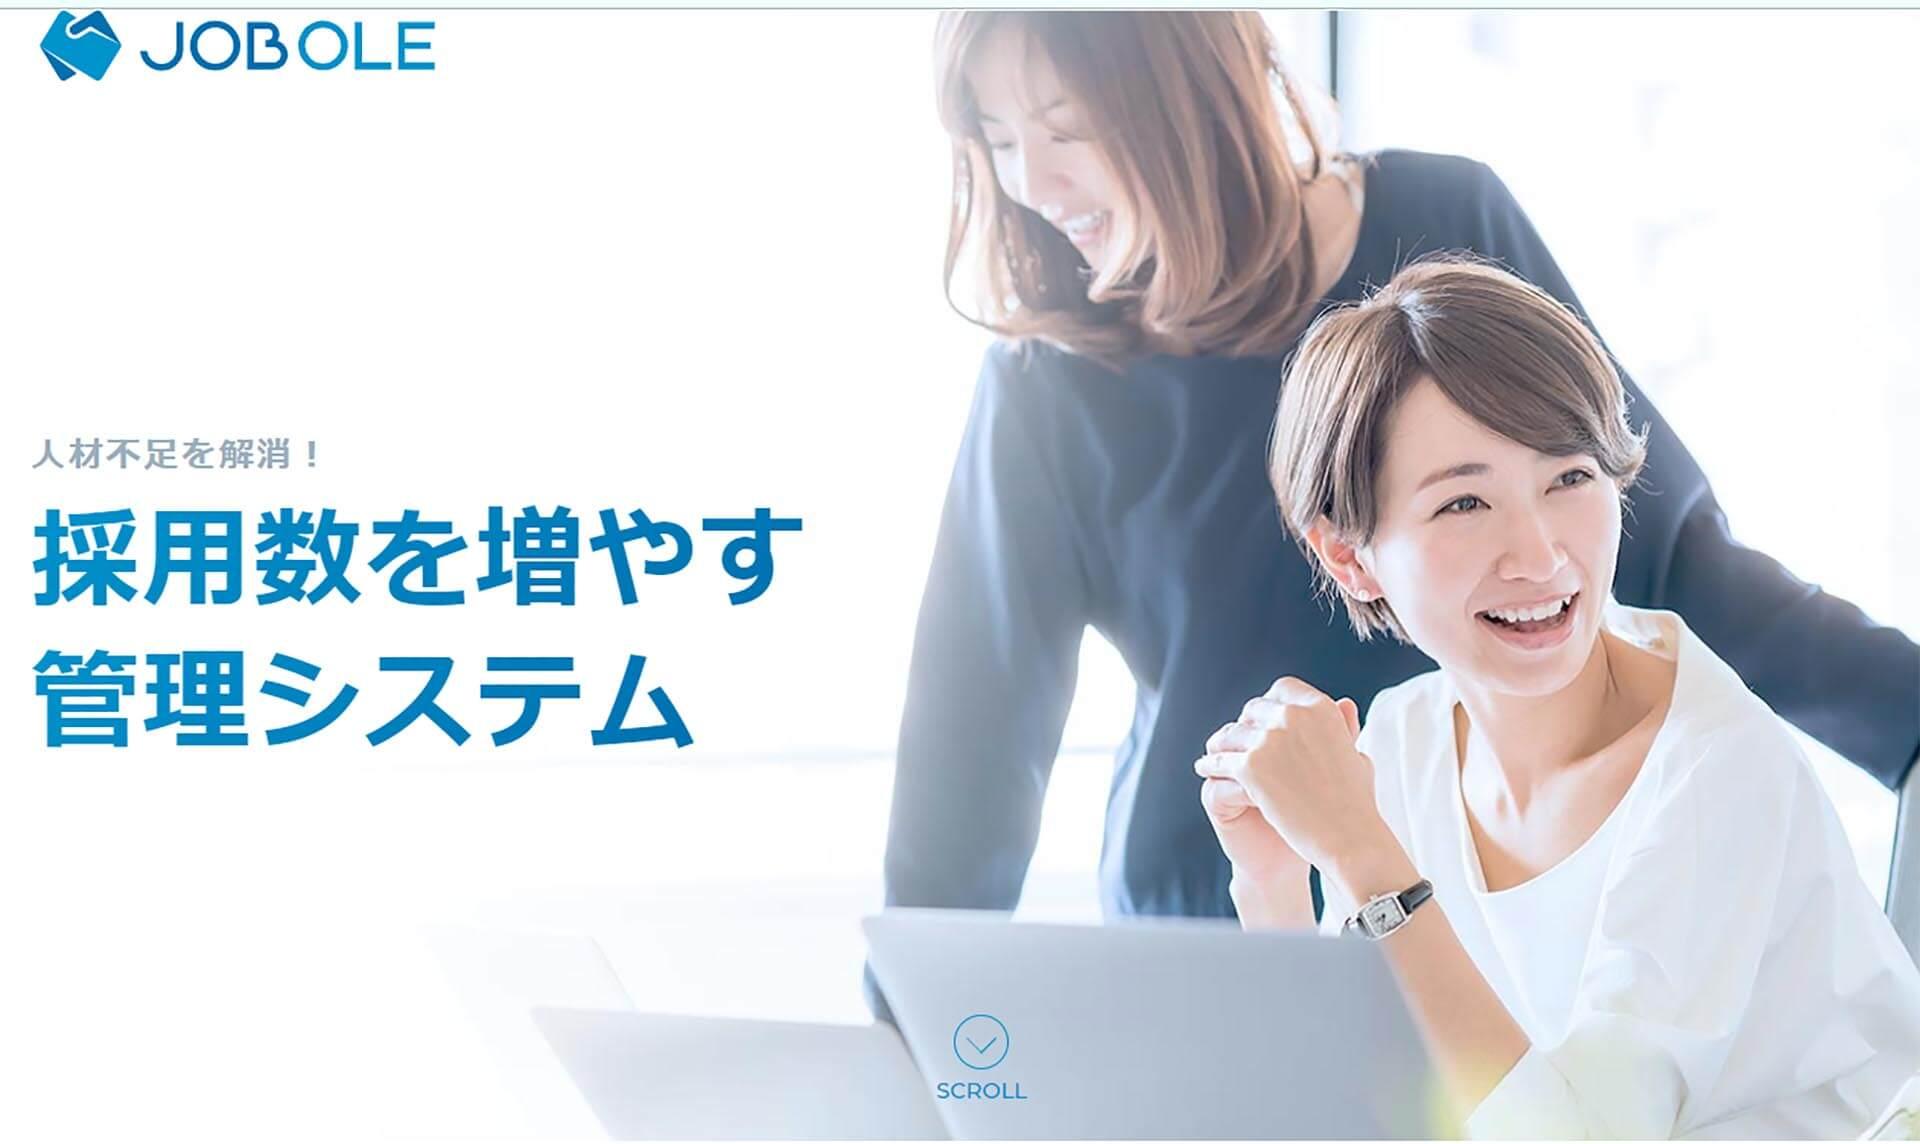 自社採用サイトの作成ができる採用管理クラウドシステム「ジョブオレ」